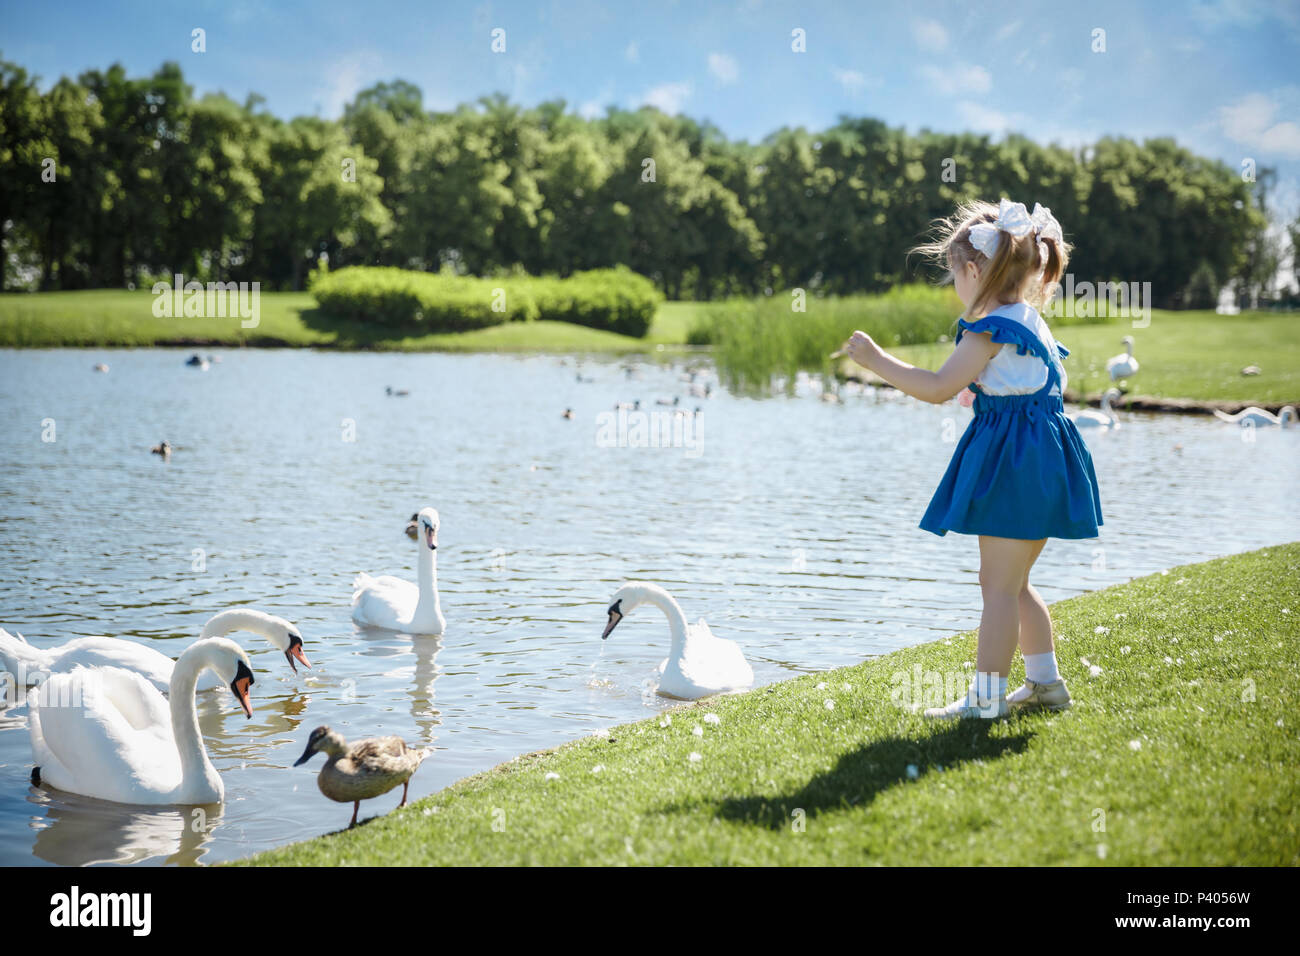 Hijita caminar en el parque cercano y mirando los cisnes. Imagen De Stock